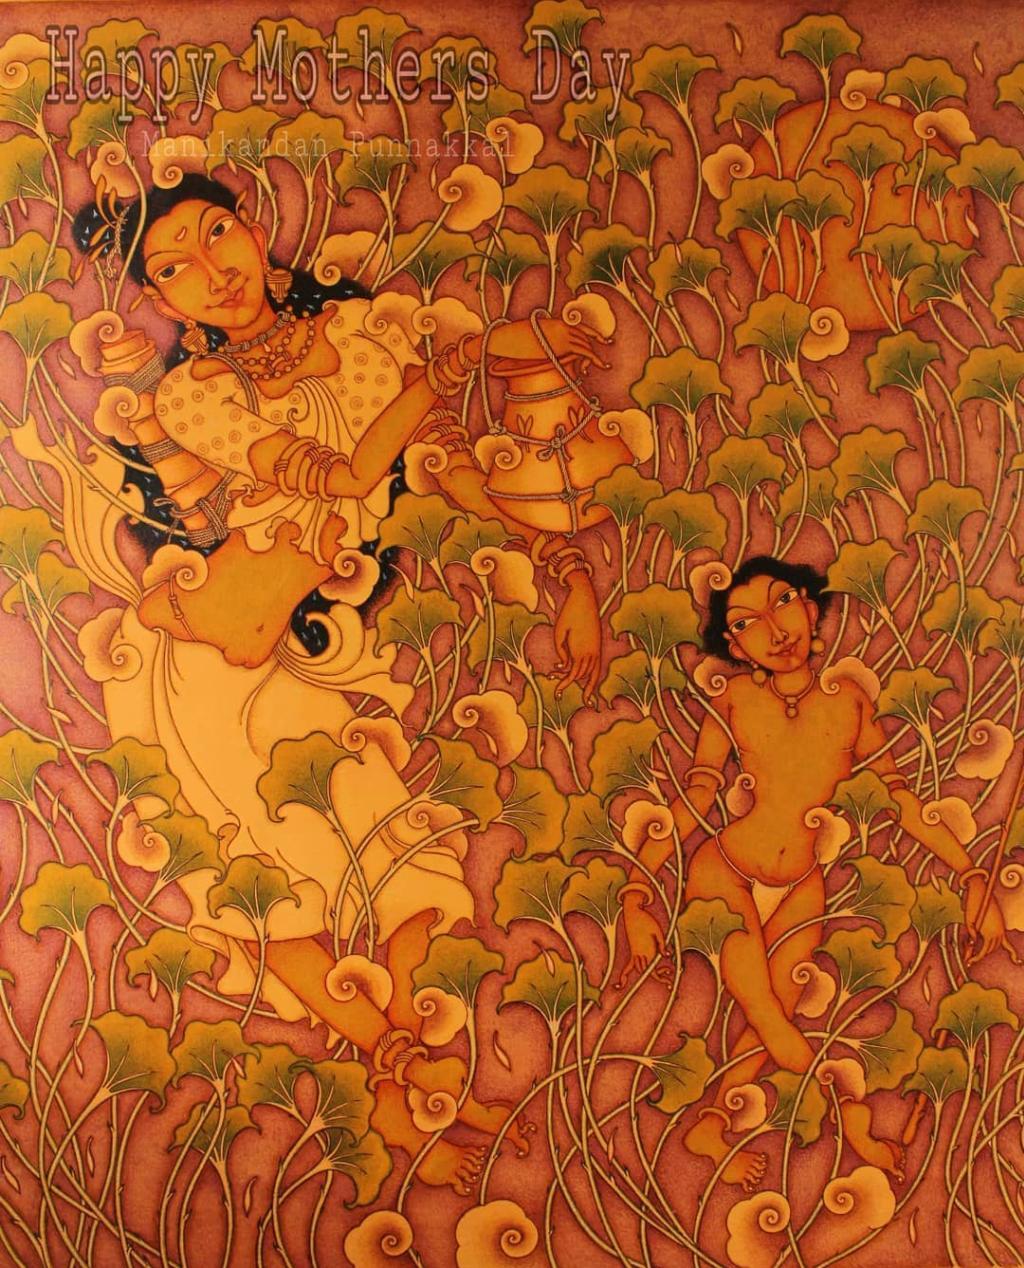 kerala painting mother child by manikandan punnakkal